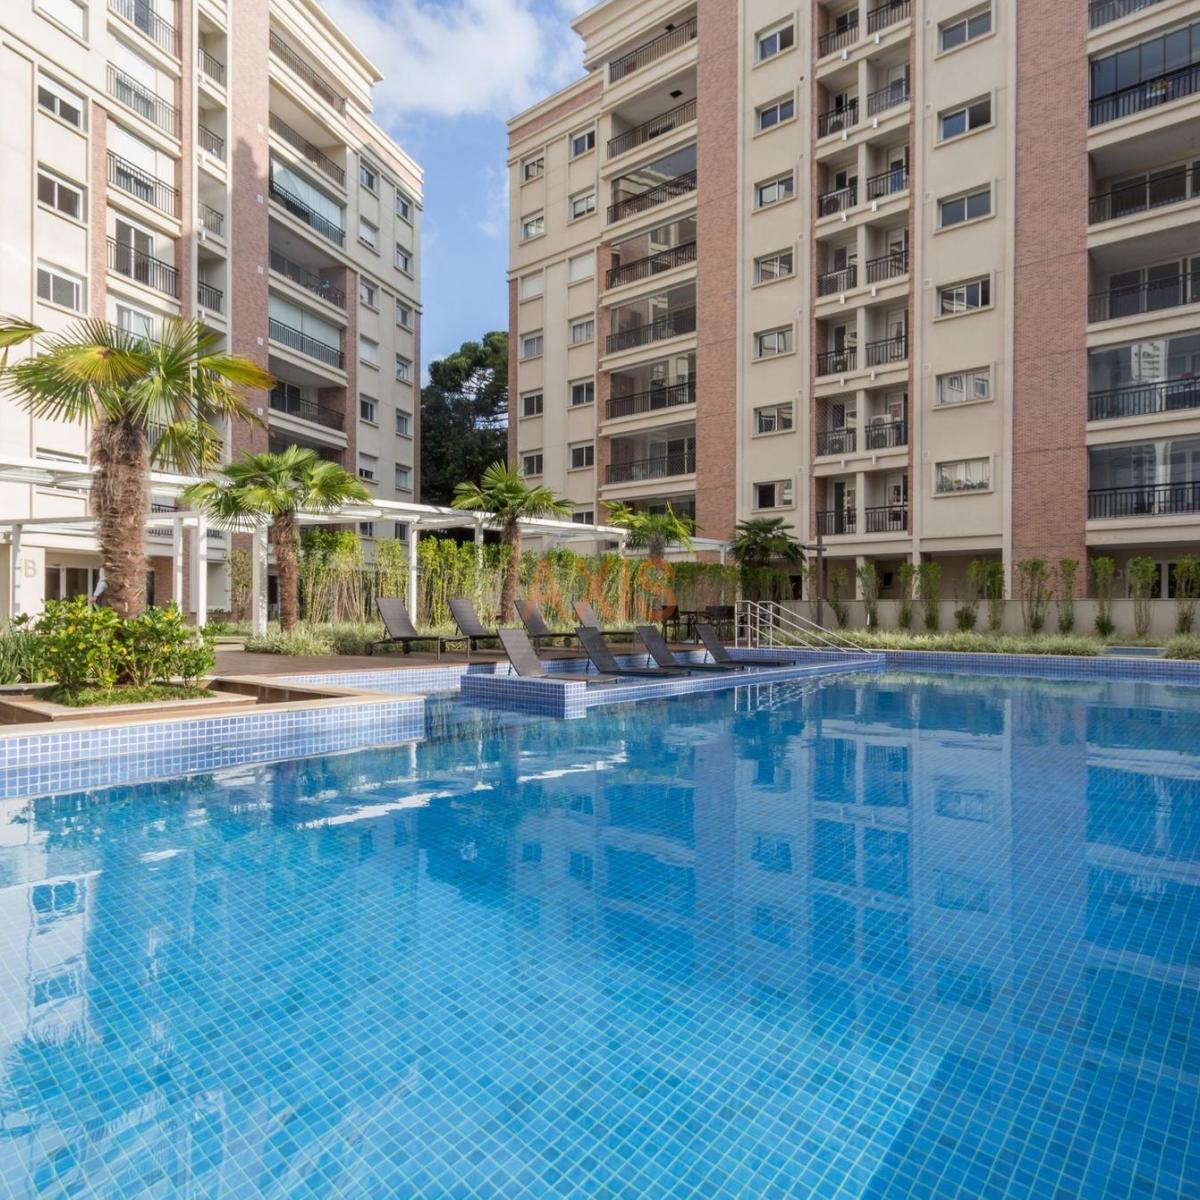 http://www.infocenterhost2.com.br/crm/fotosimovel/215050/65930524-apartamento-curitiba-mossungue_marcadagua.jpg